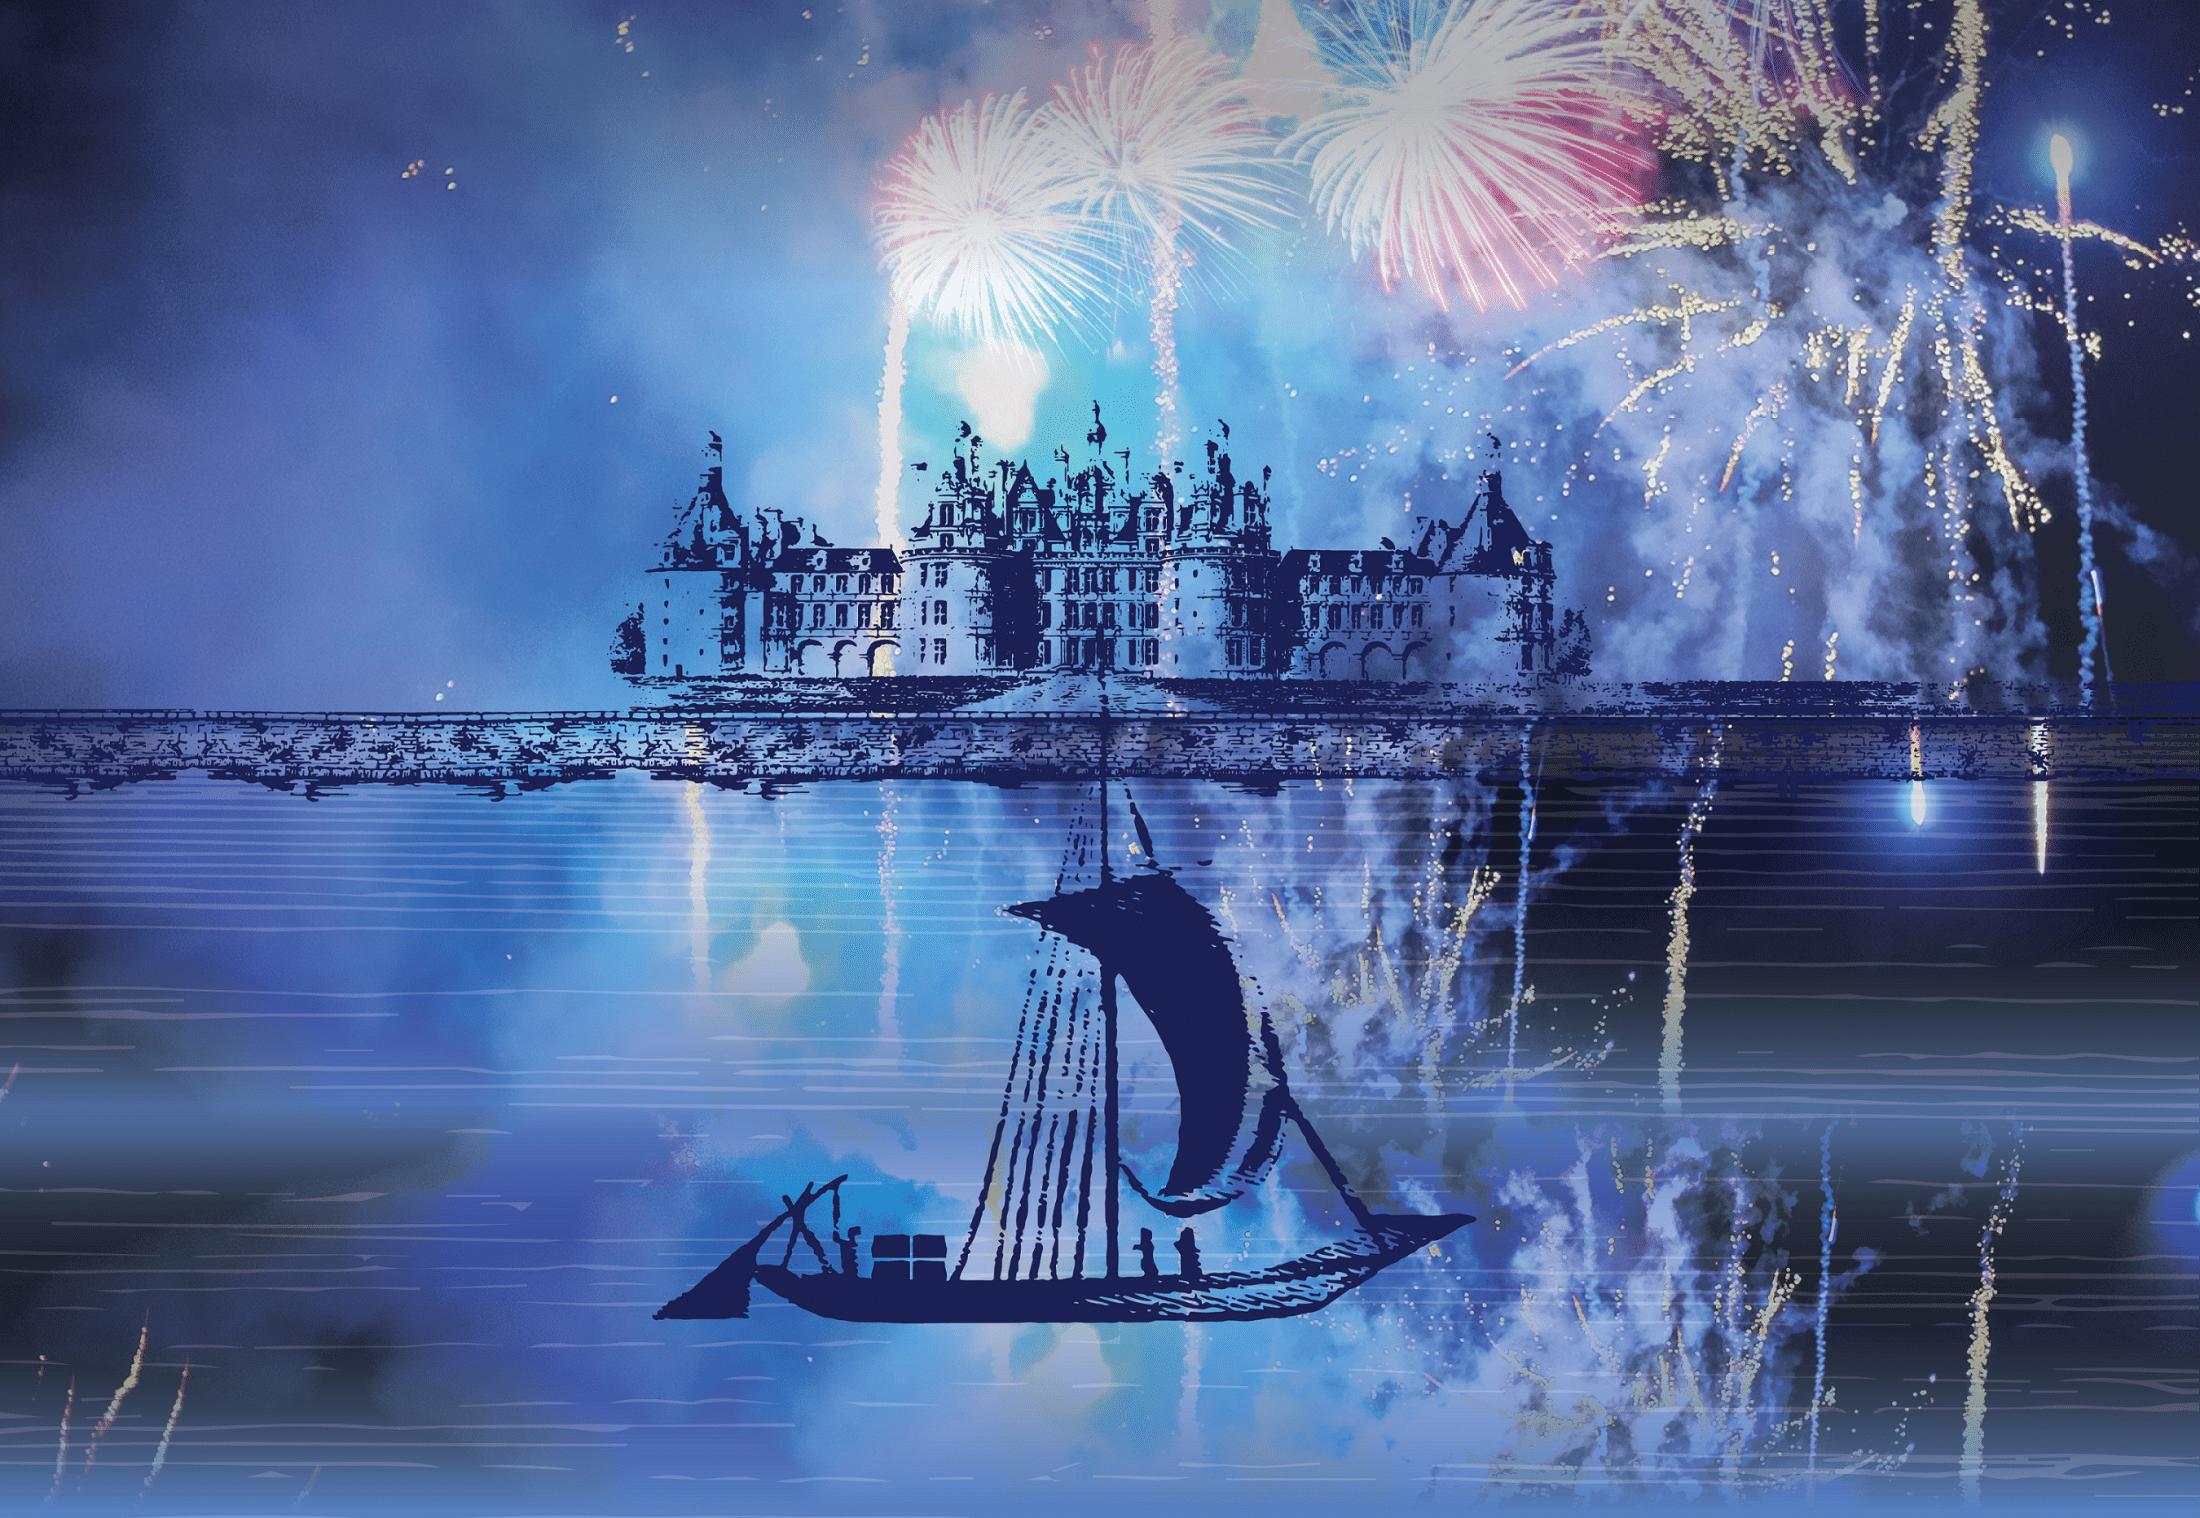 Le 6 septembre 2019 : Saint Dyé-sur-Loire, embarquez pour les 500 ans du château de Chambord